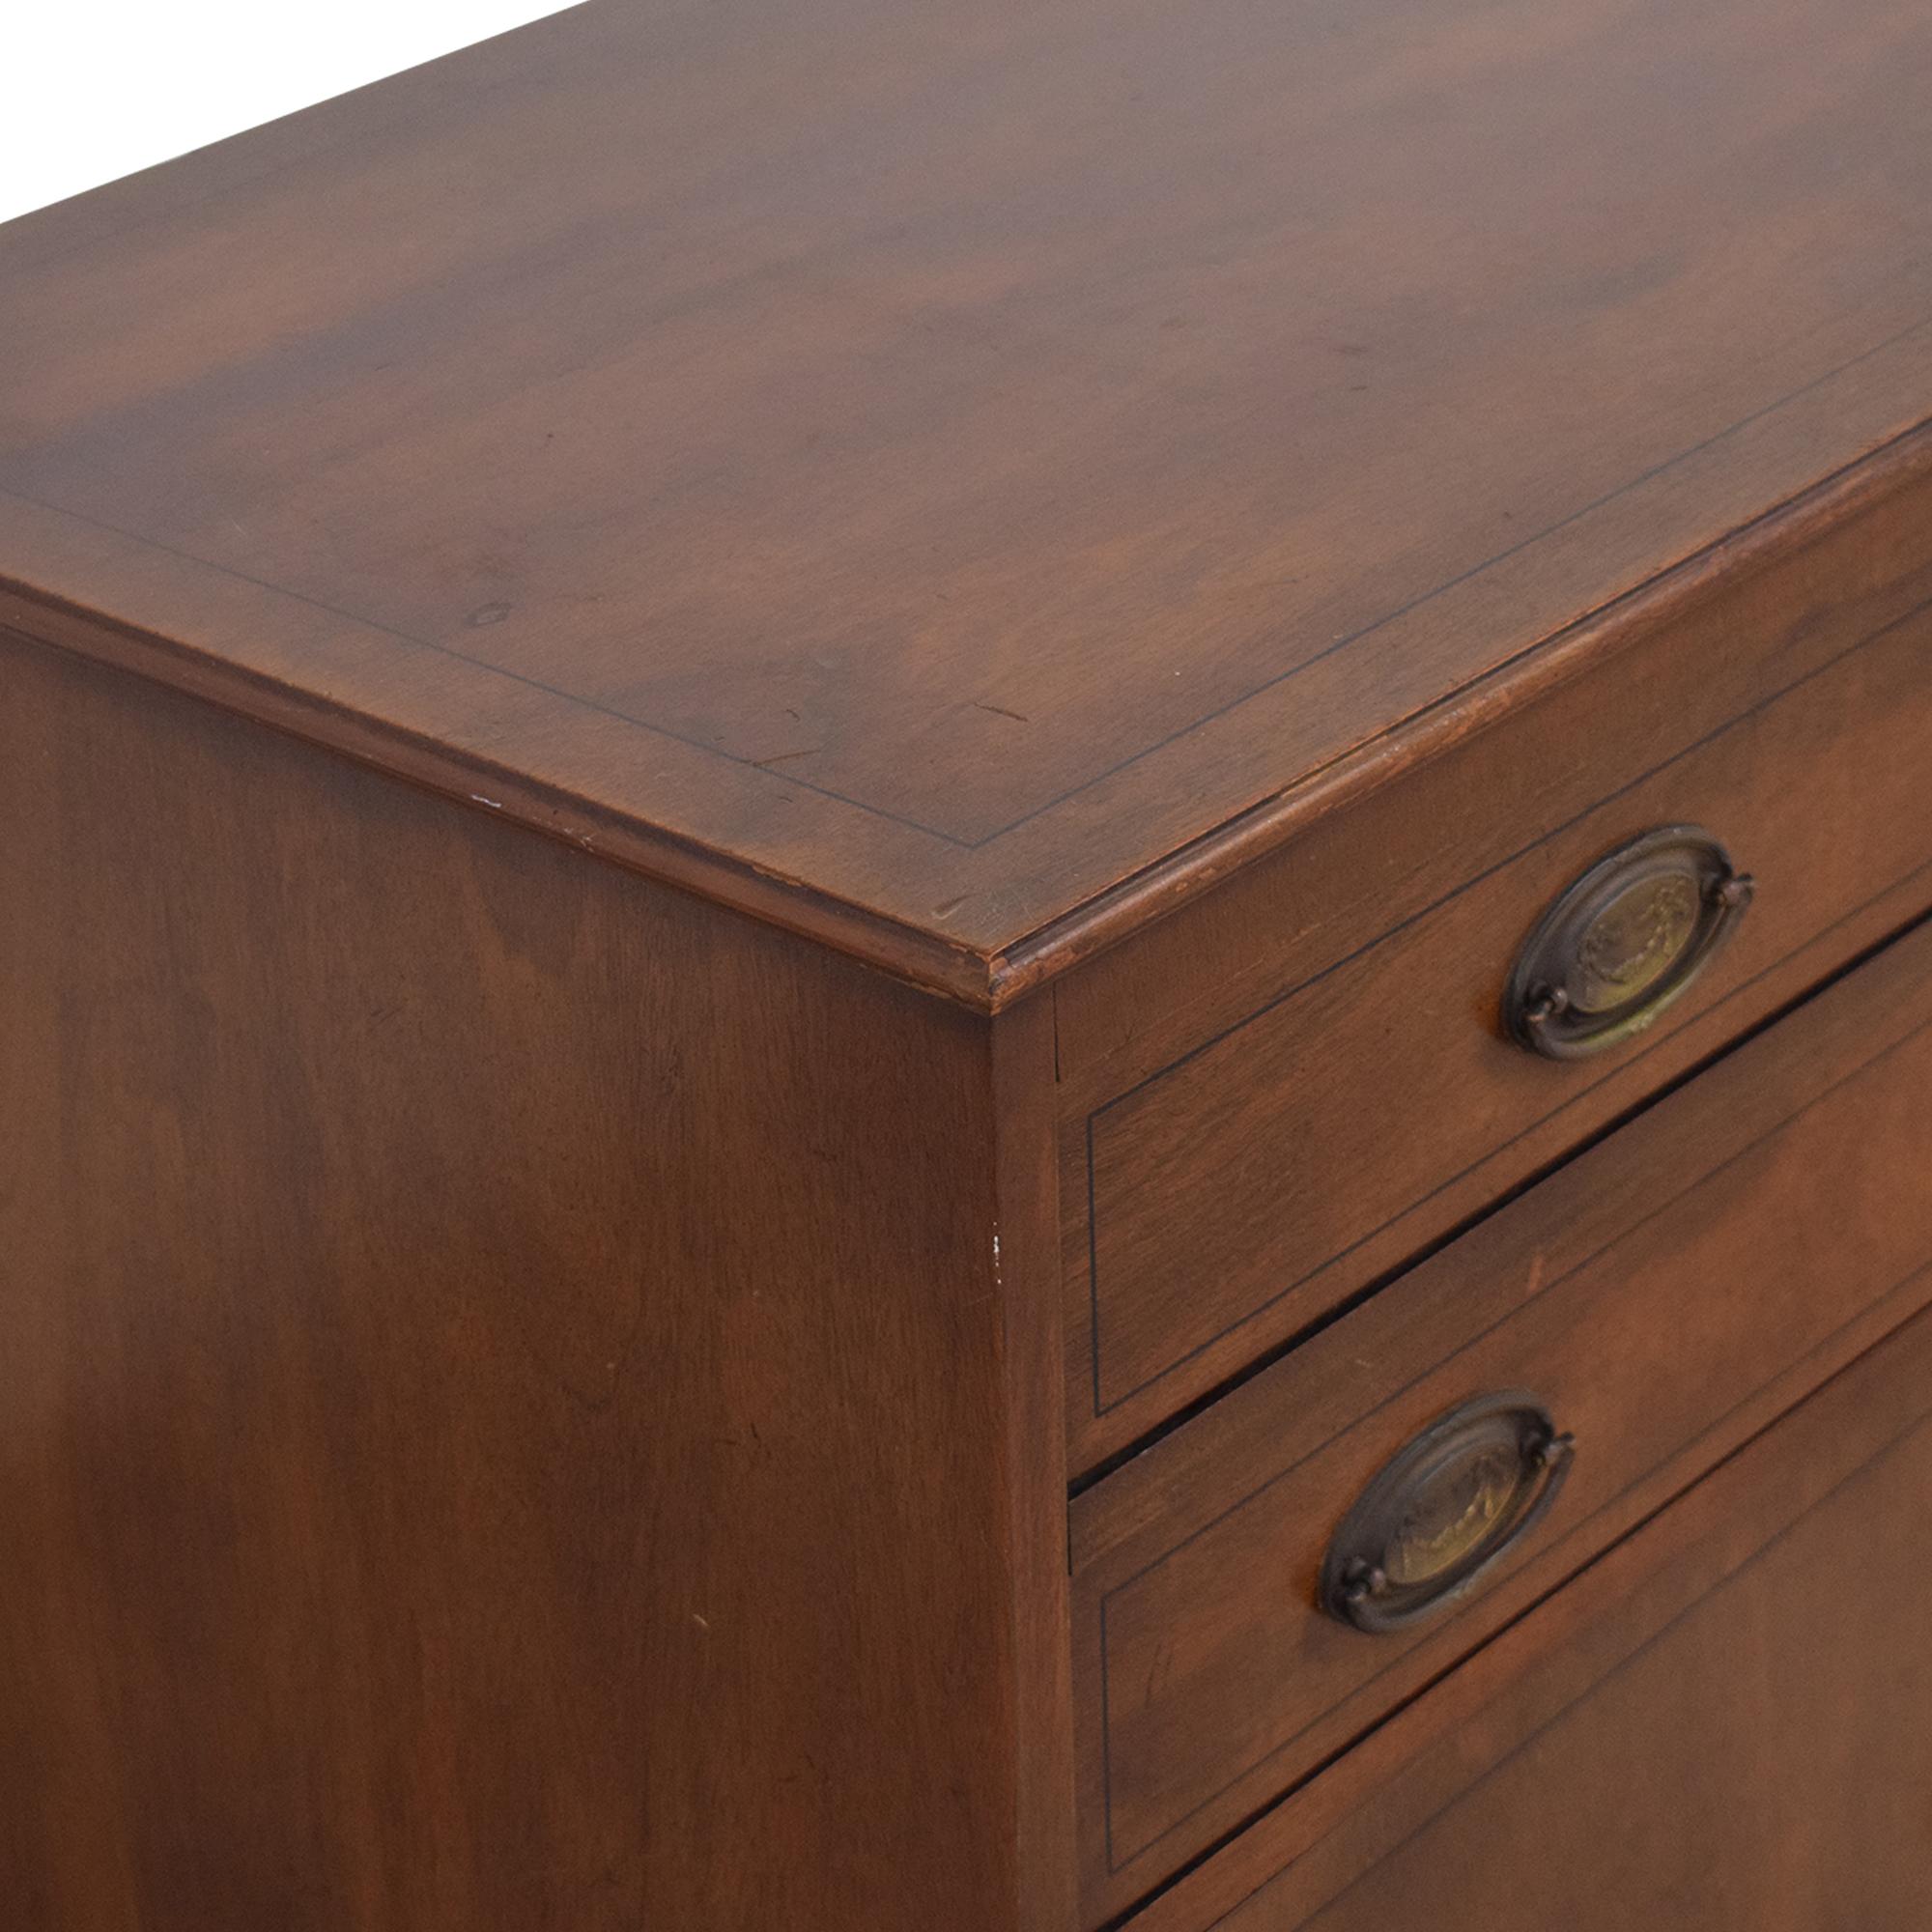 Henredon Furniture Henredon Furniture Cabinet